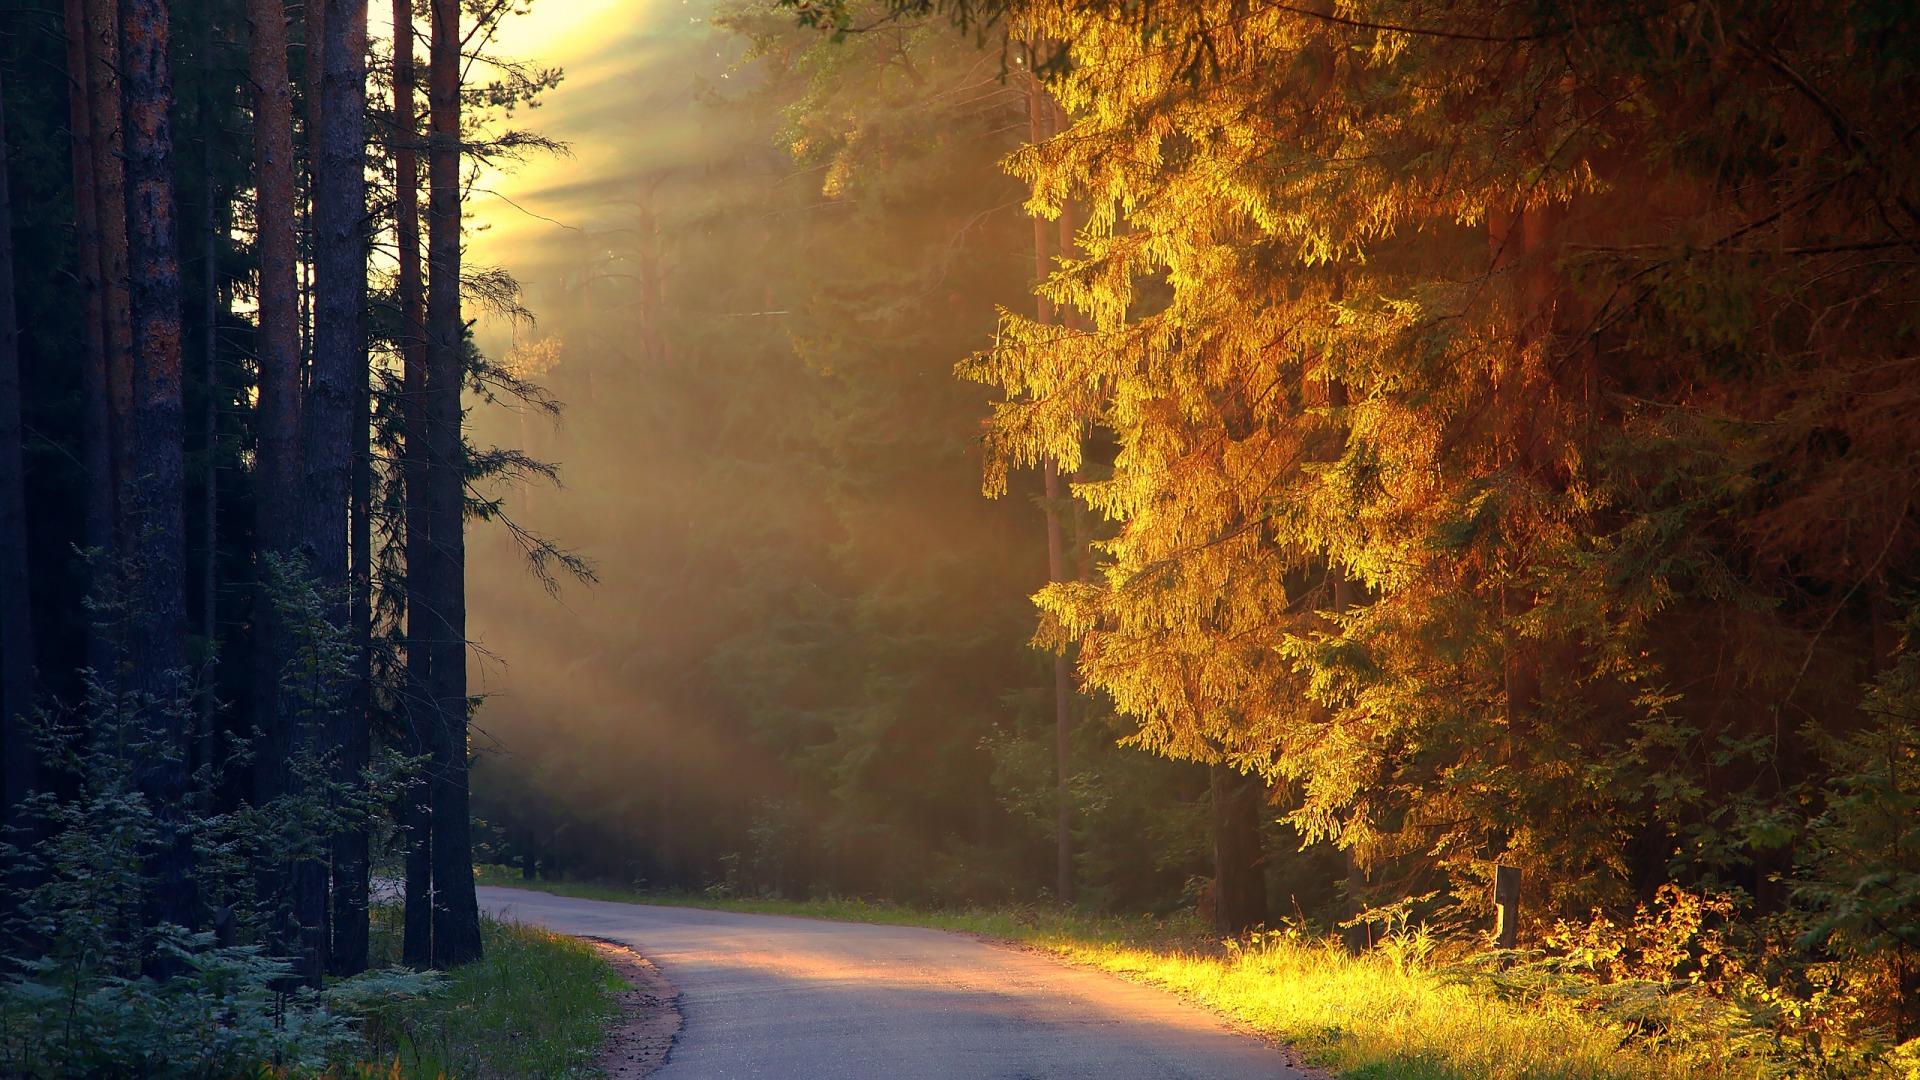 Ο δρόμος για την Επιτυχία: 4 πράγματα που πρέπει να ξέρεις